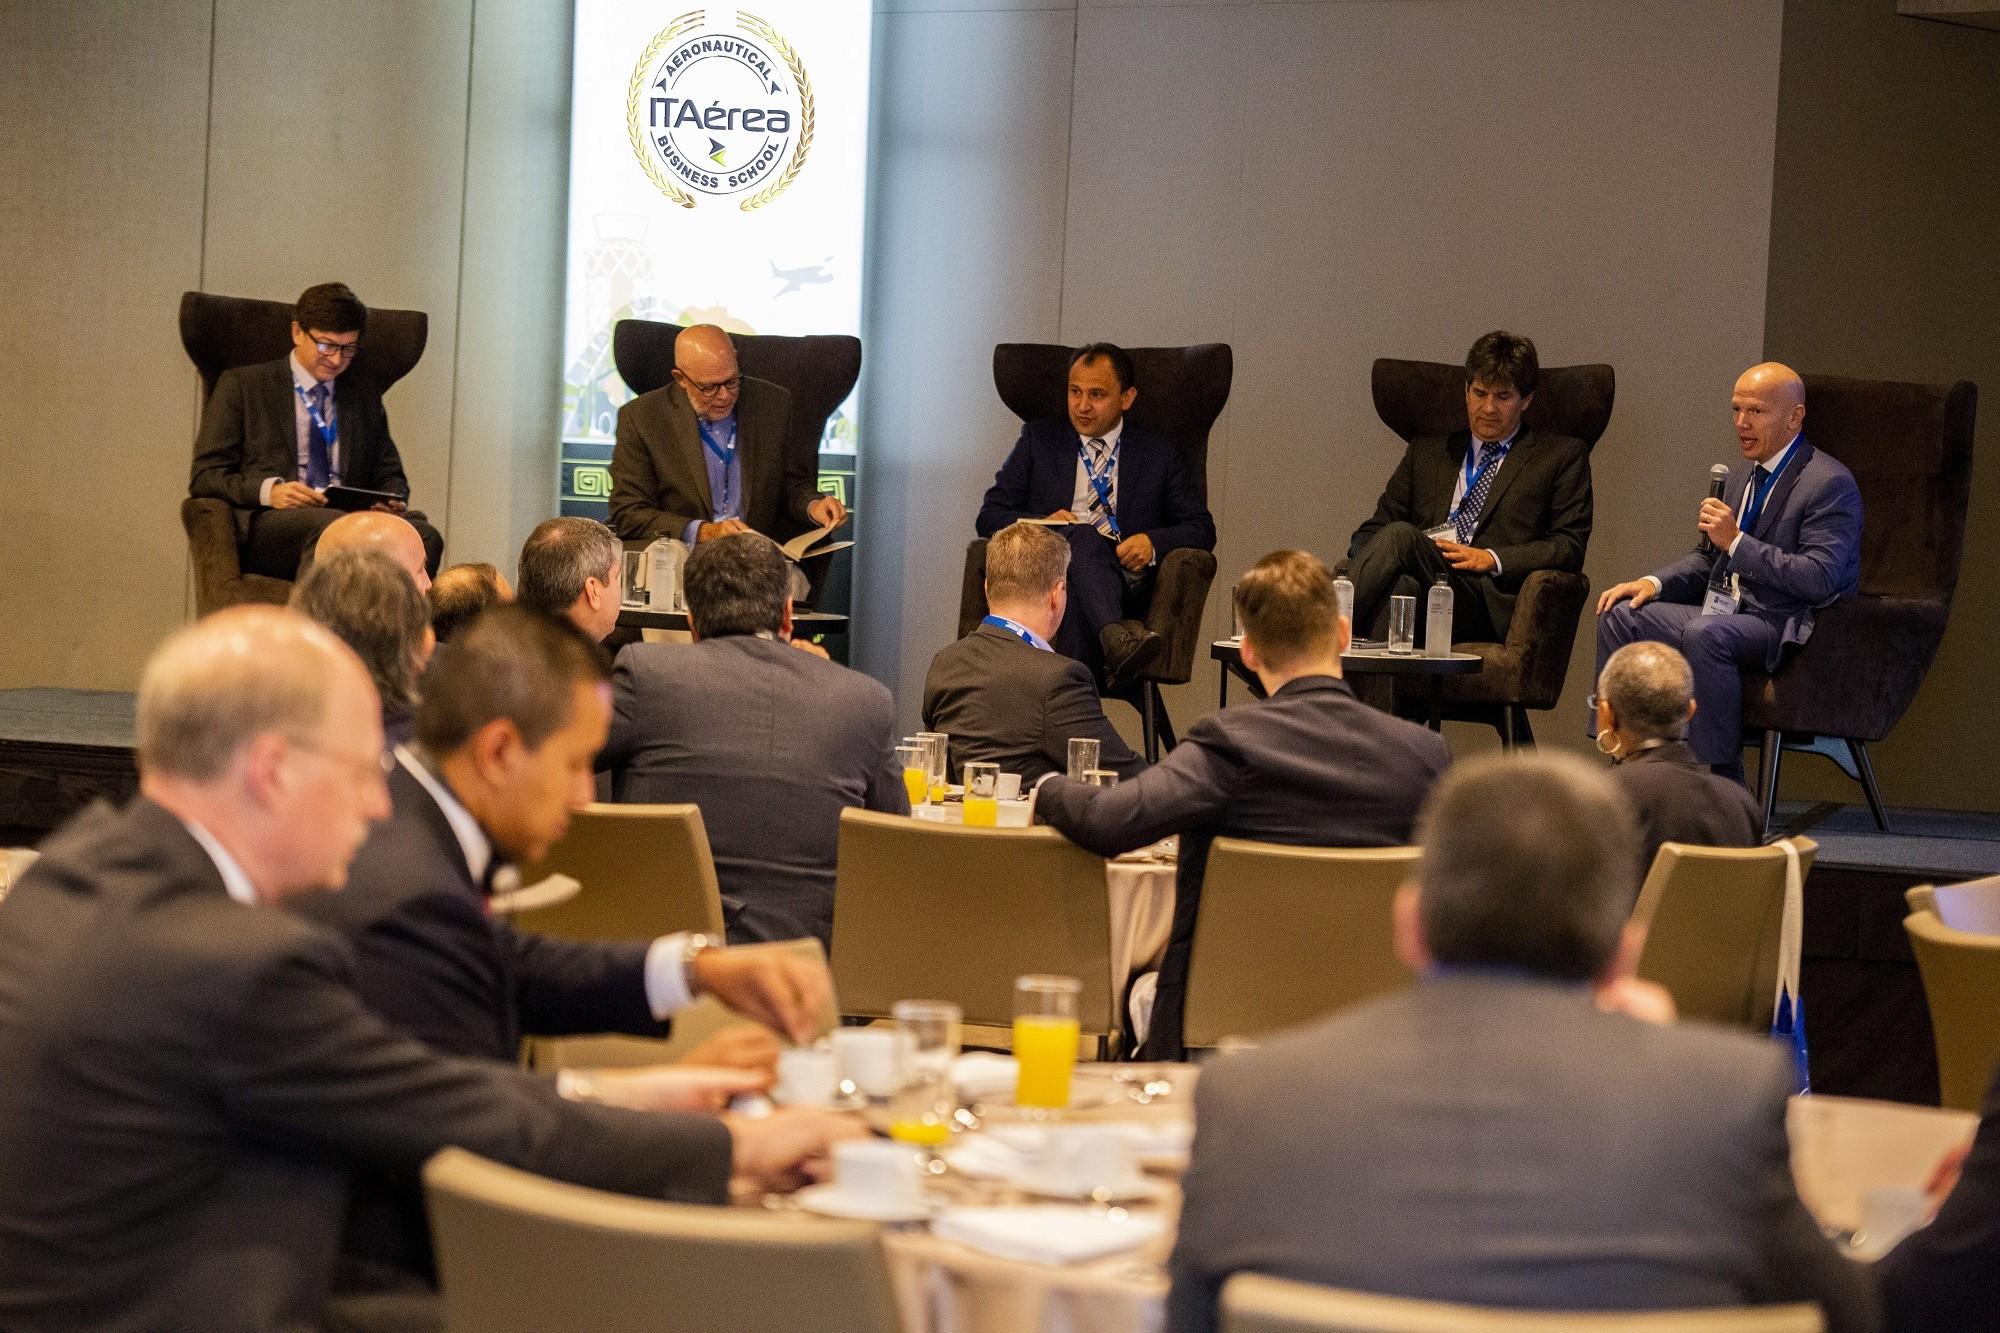 WBPs Breakfast and CEOs Panel ITAerea00402 - IV Encuentro Sectorial: Aeropuertos